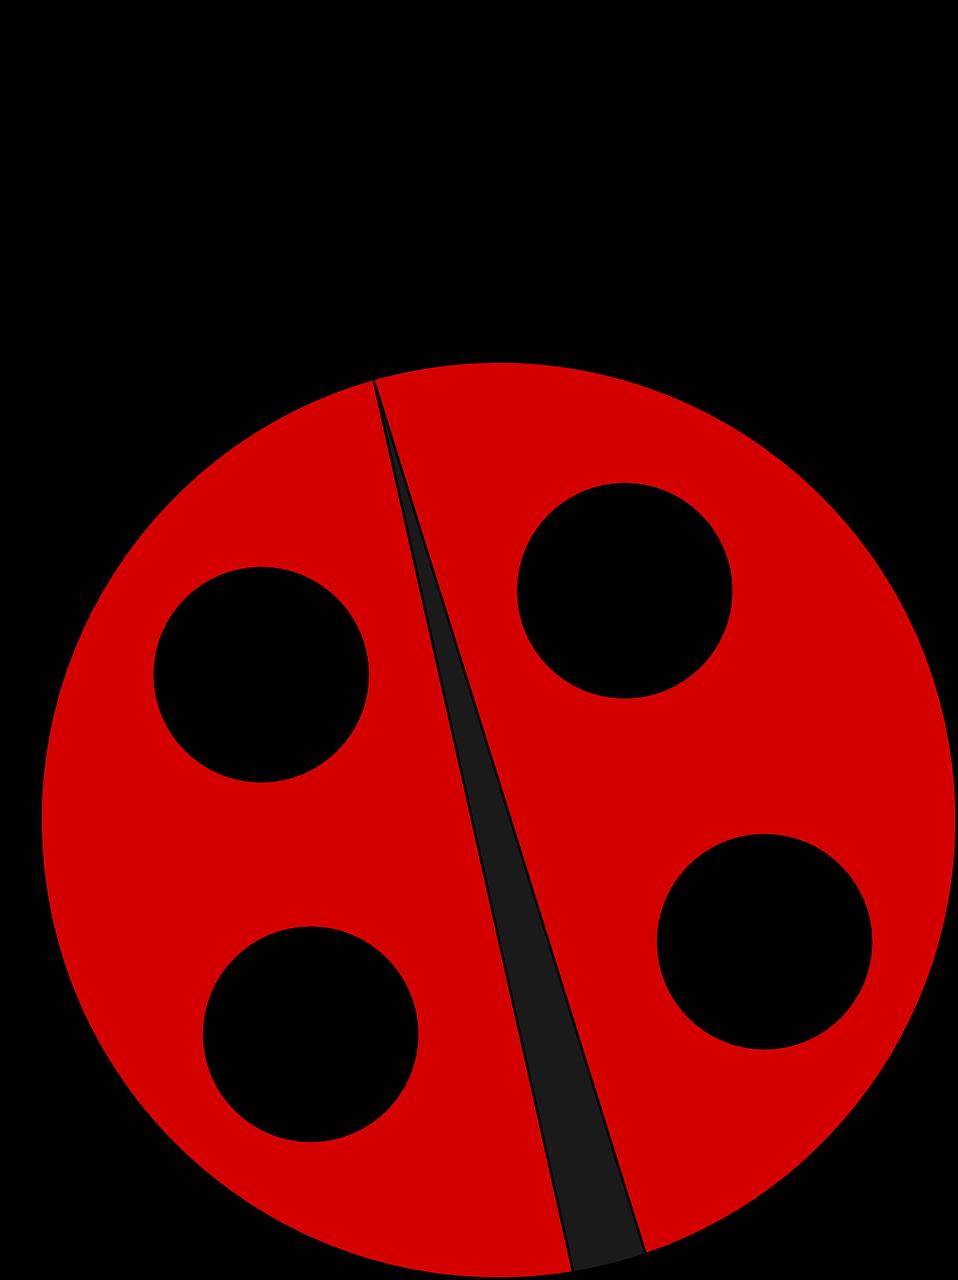 Free image on pixabay. Ladybugs clipart good luck symbol